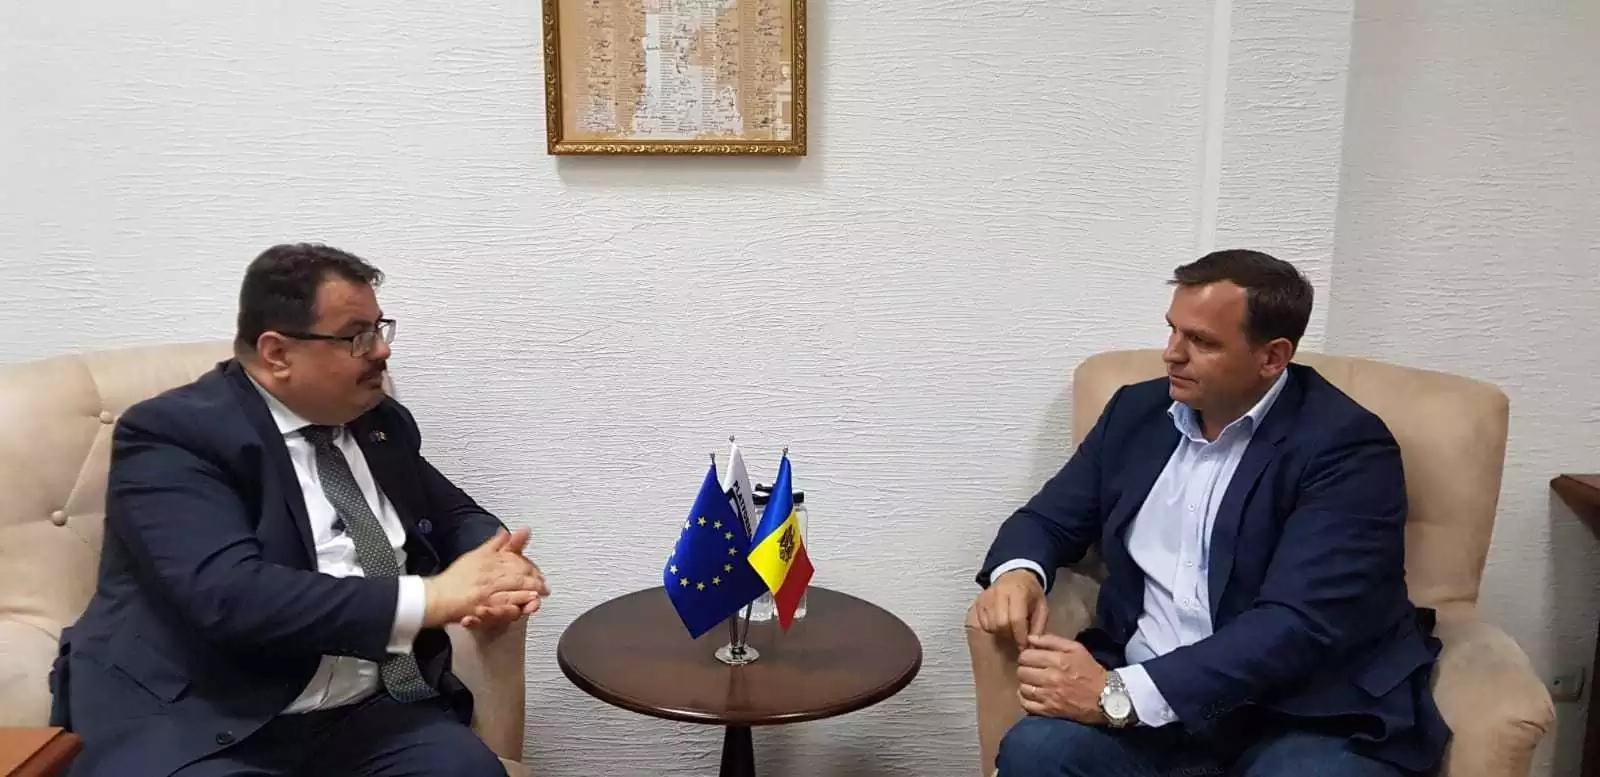 Mesajul lui Andrei Năstase, președintele PPPDA, după întâlnirea cu ambasadorul UE